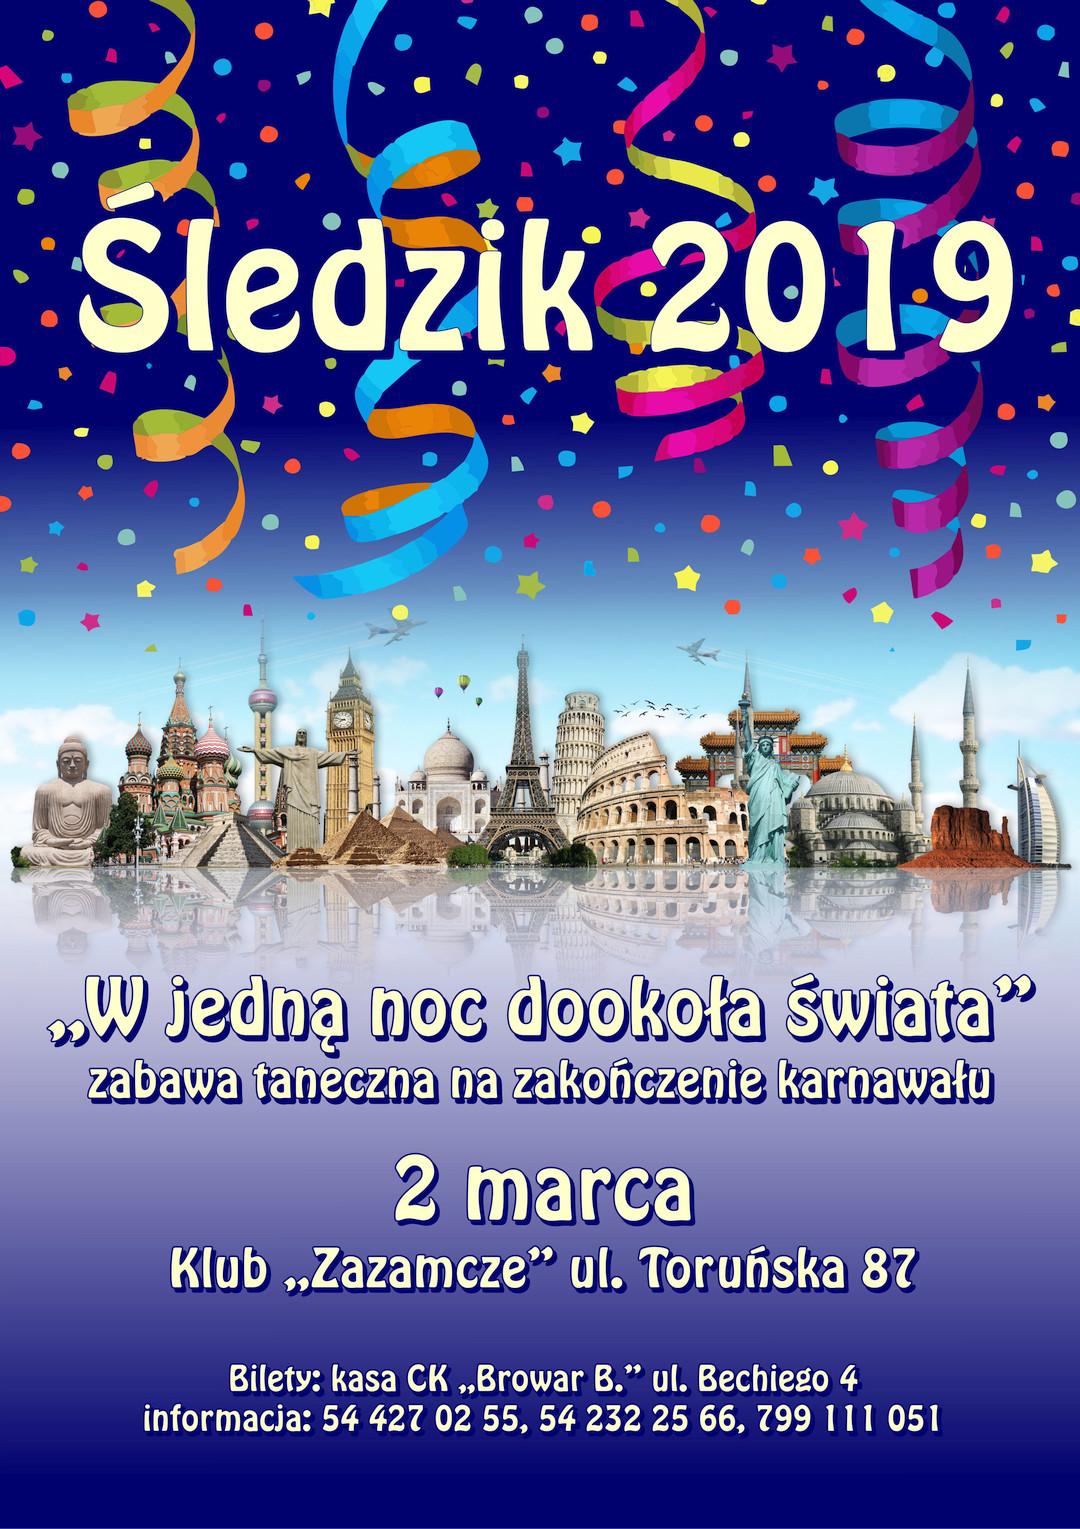 plakat-sledzik-2019